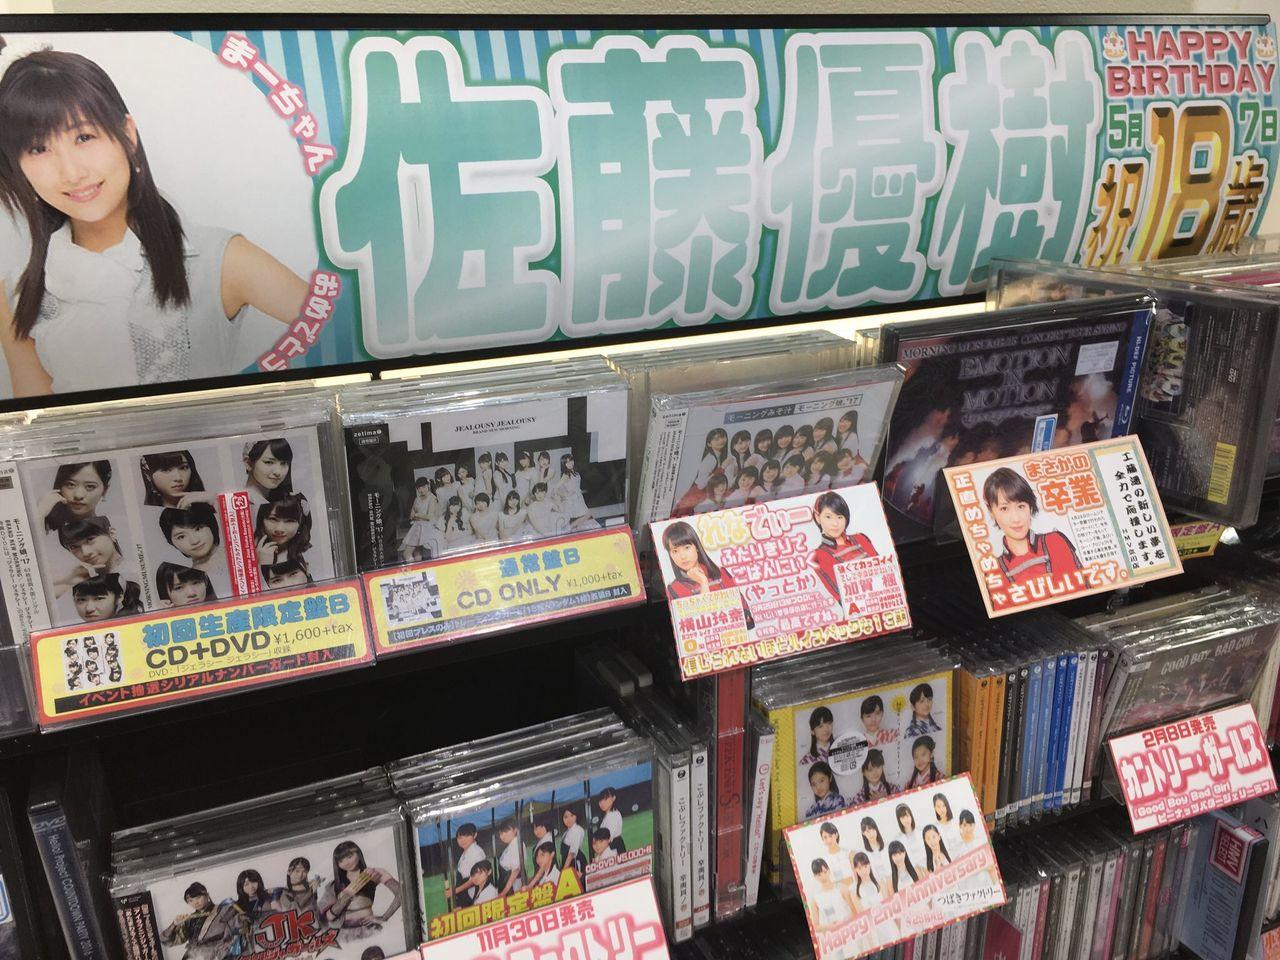 【エンタメ画像】【モーニング娘。'17】大手CDショップHMVに佐藤優樹コーナーwwwwwwwww